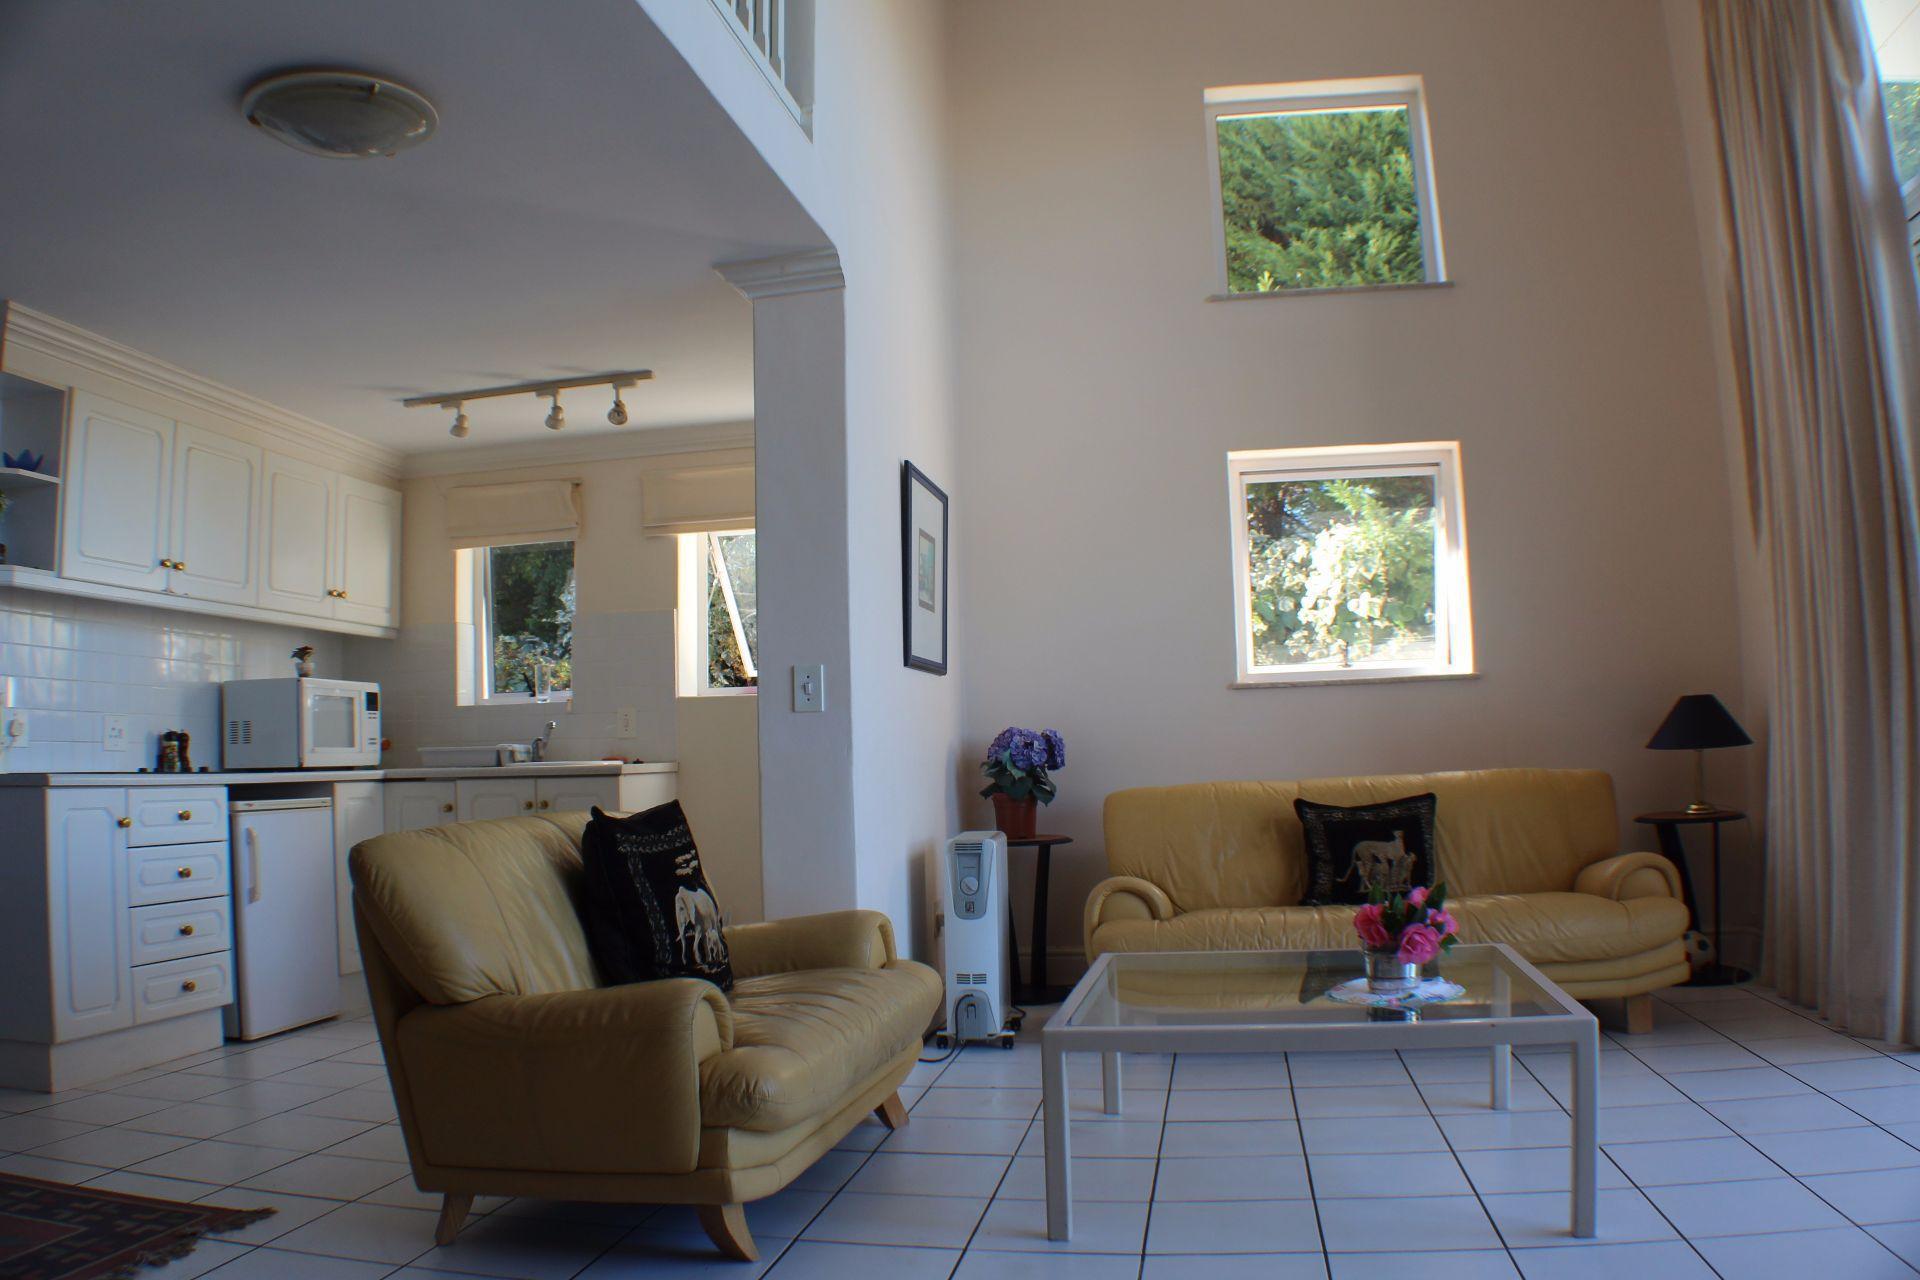 Erinvale Golf Estate property for sale. Ref No: 13509371. Picture no 27